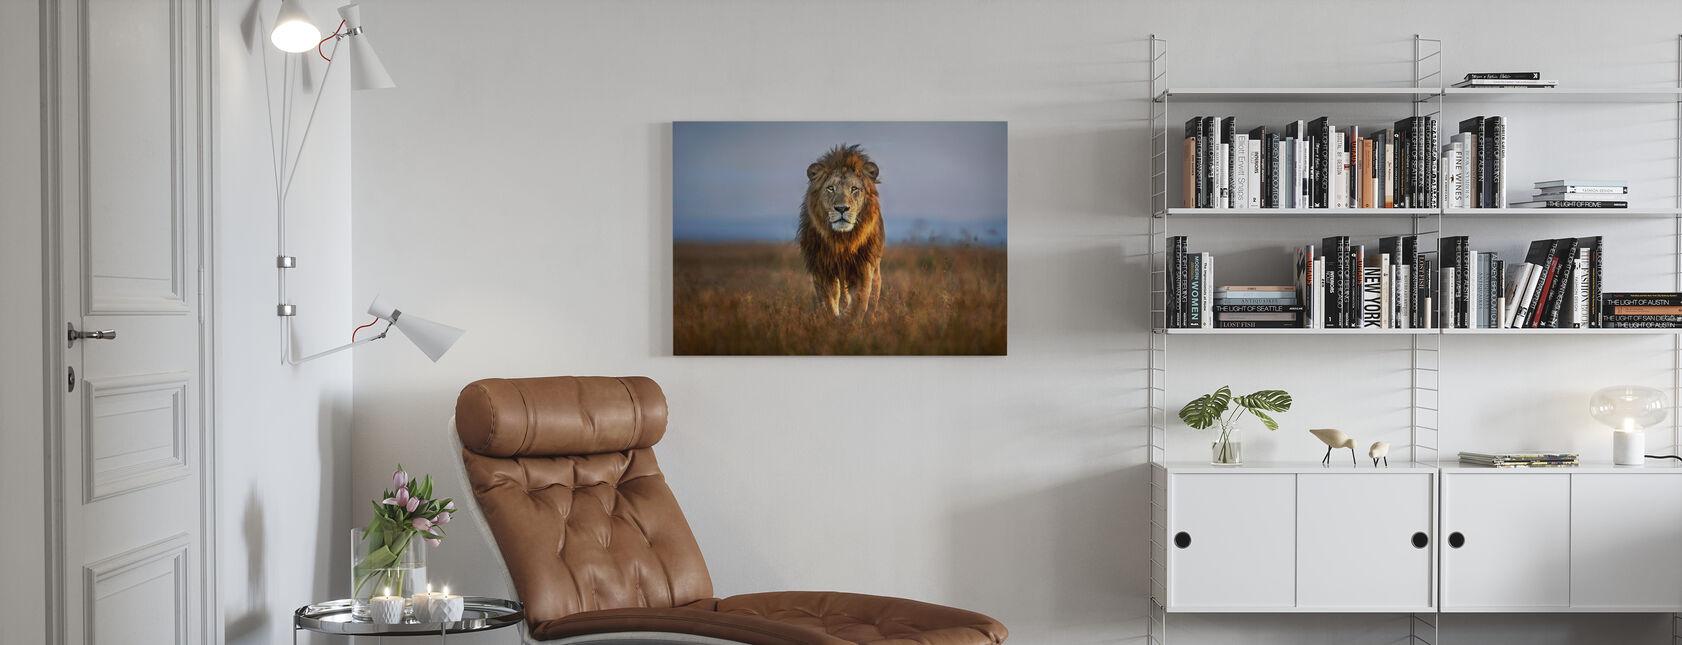 Lion zbliżyć - Obraz na płótnie - Pokój dzienny